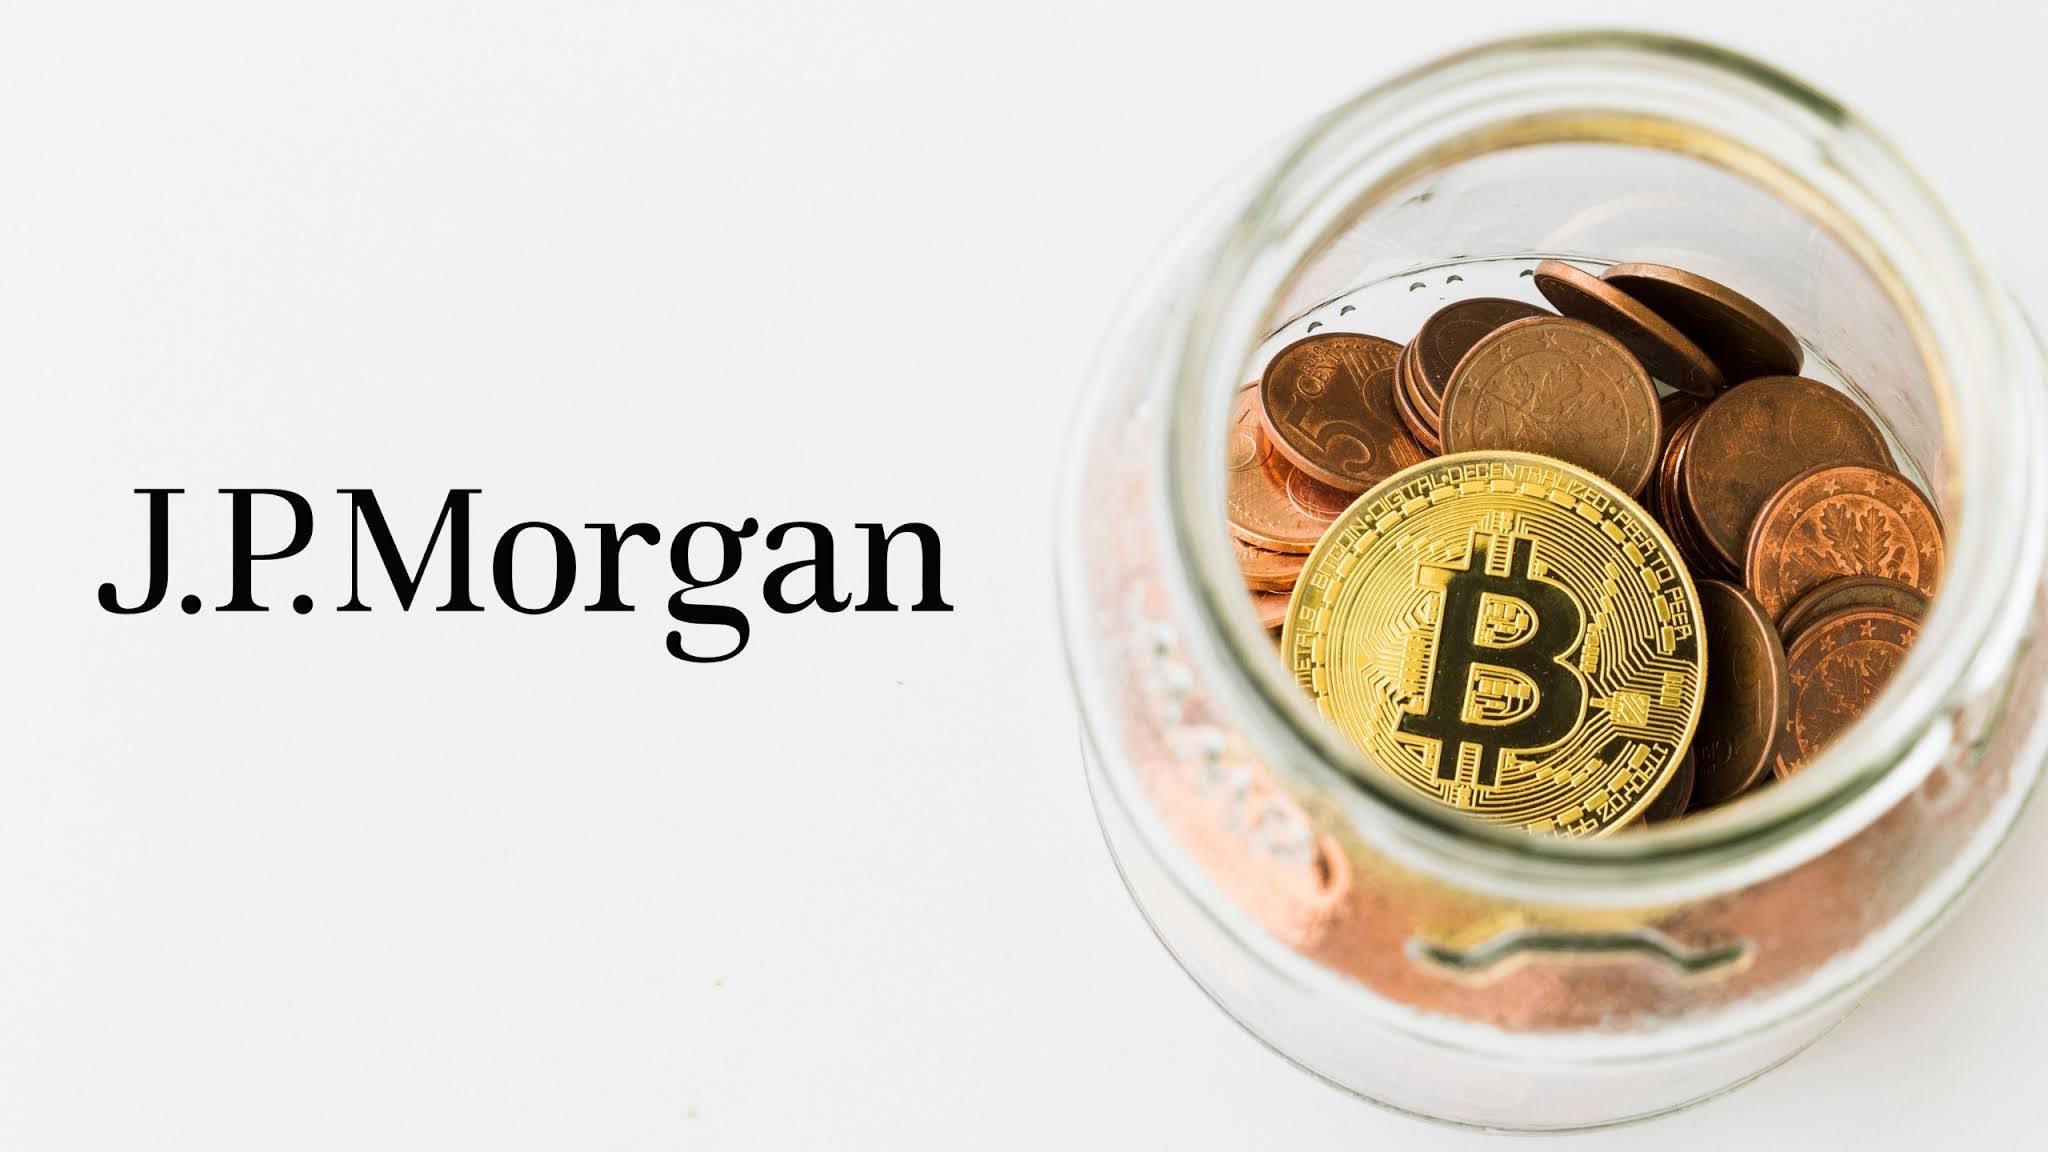 JPMorgan BTC